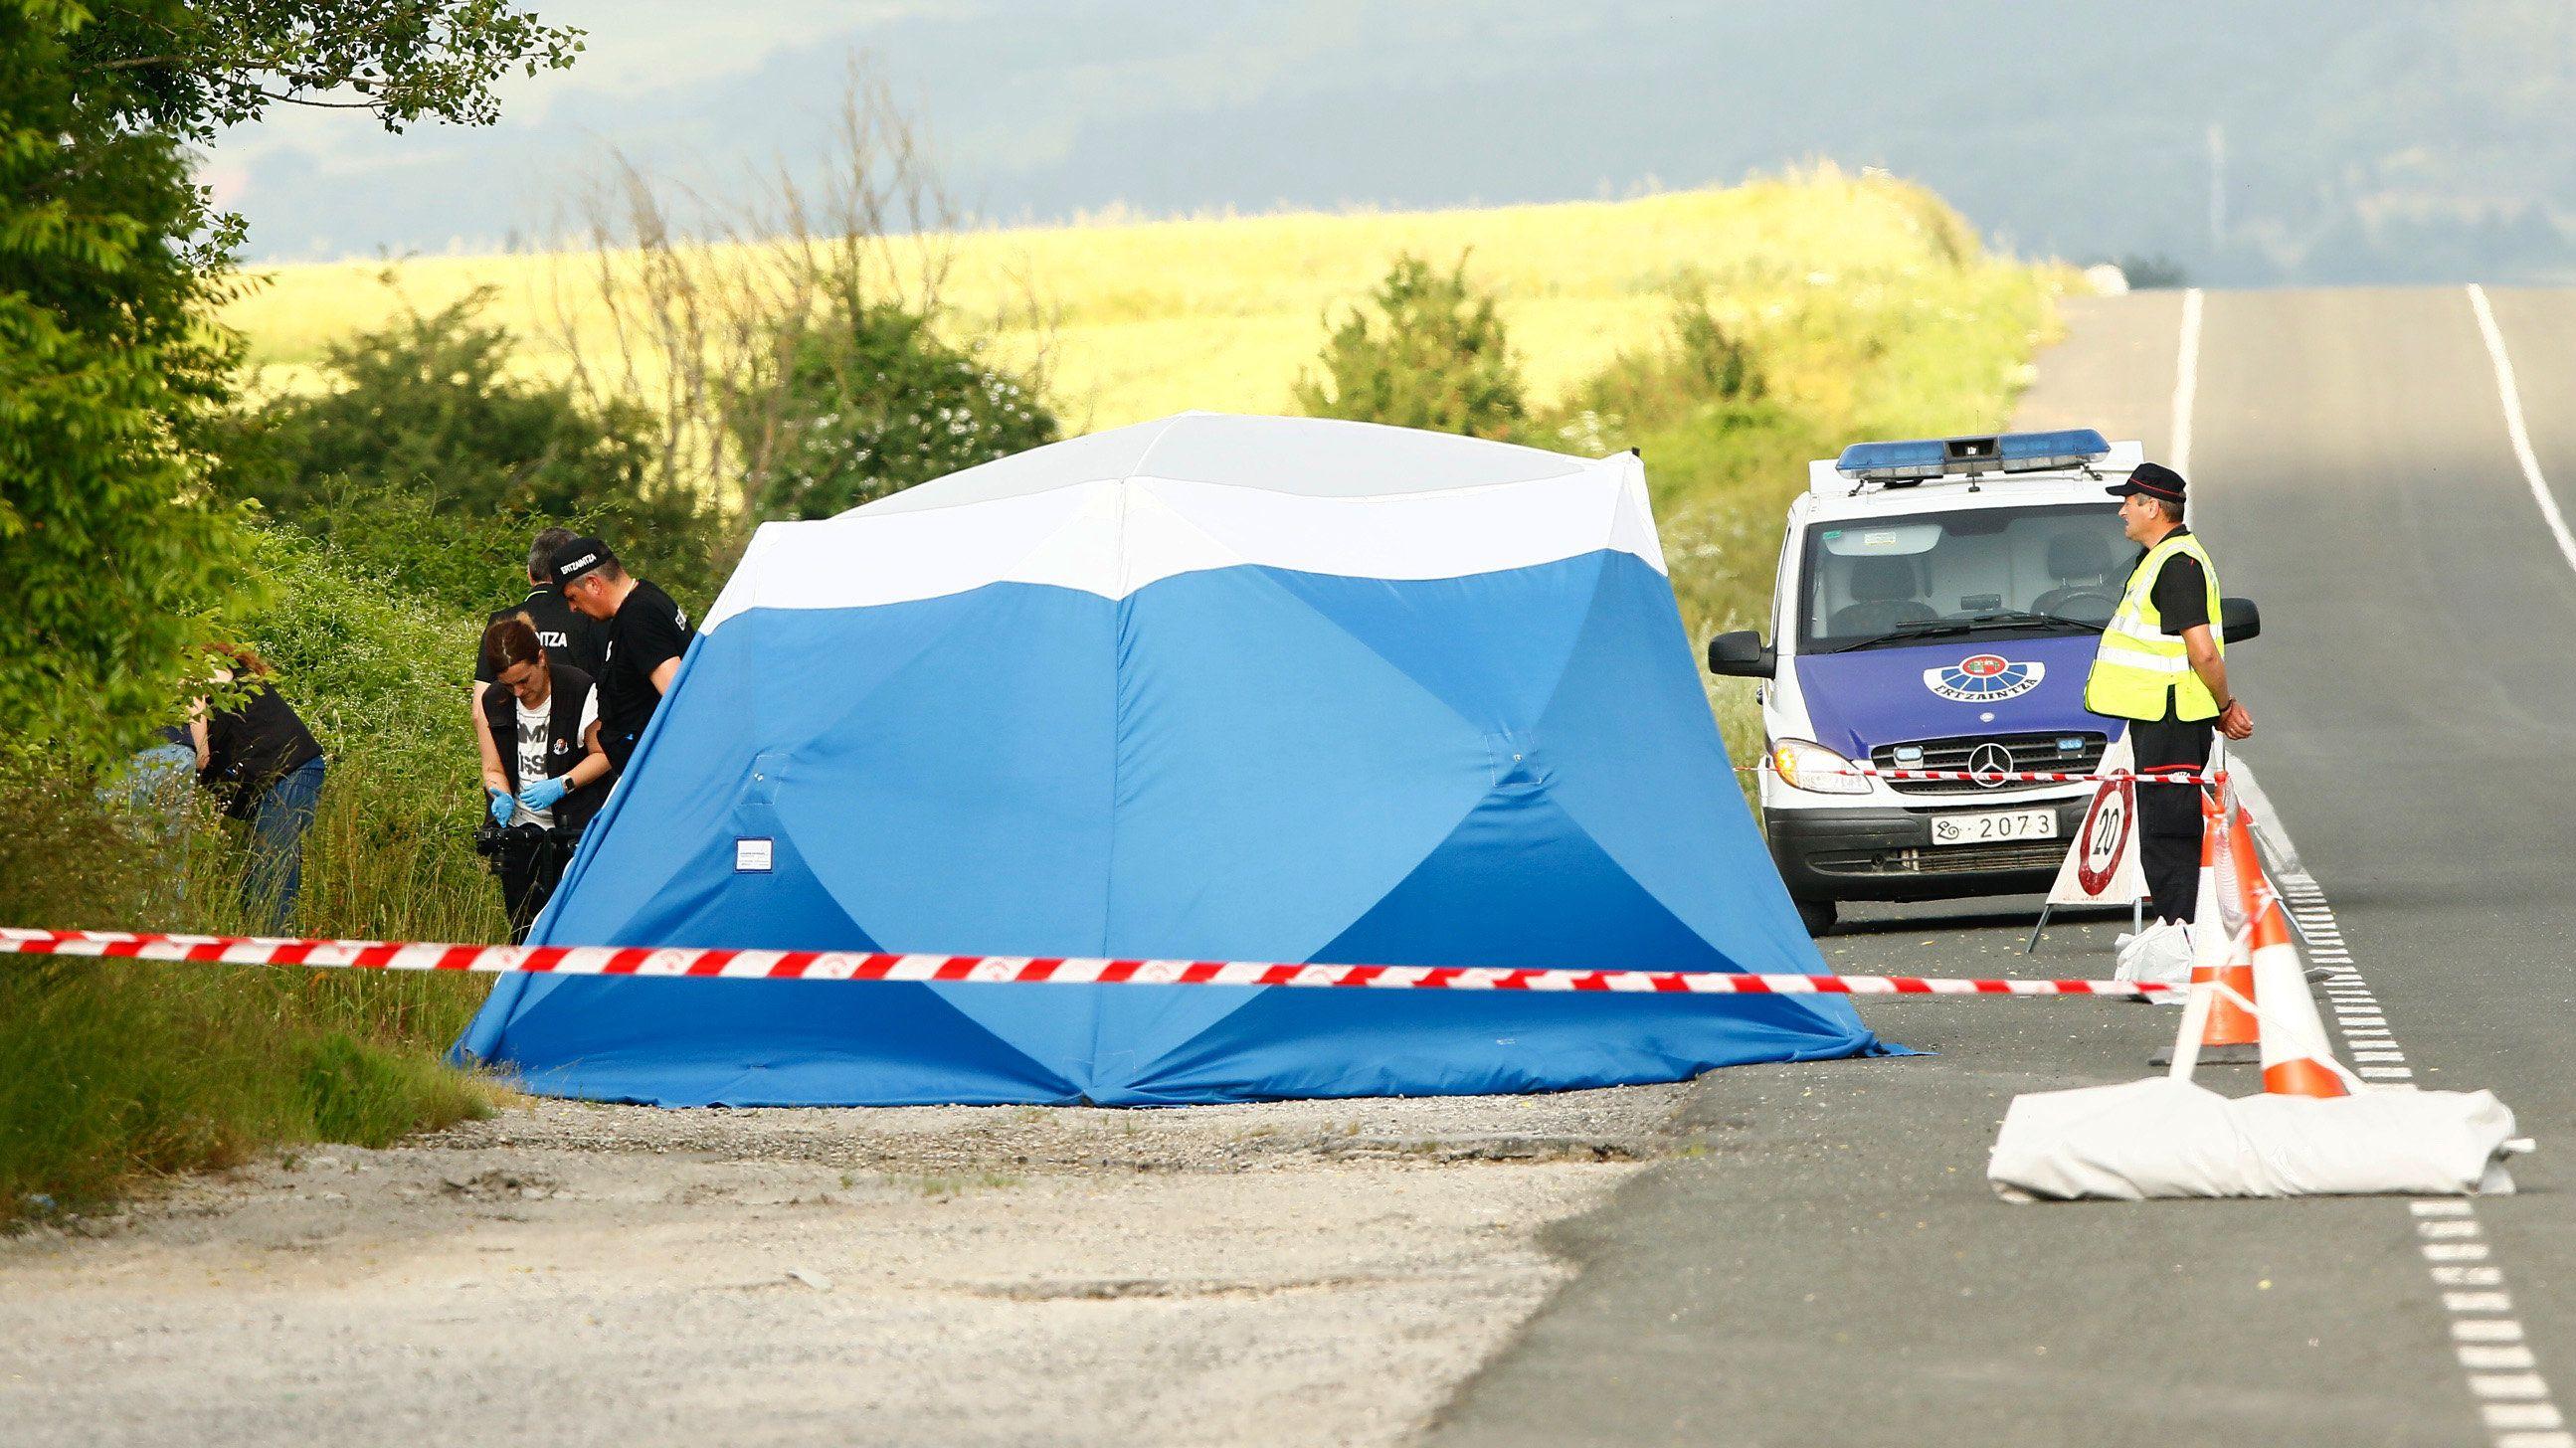 Am Rande einer Fahrbahn haben Polizisten einen Bereich für die Spurensicherung abgesperrt.